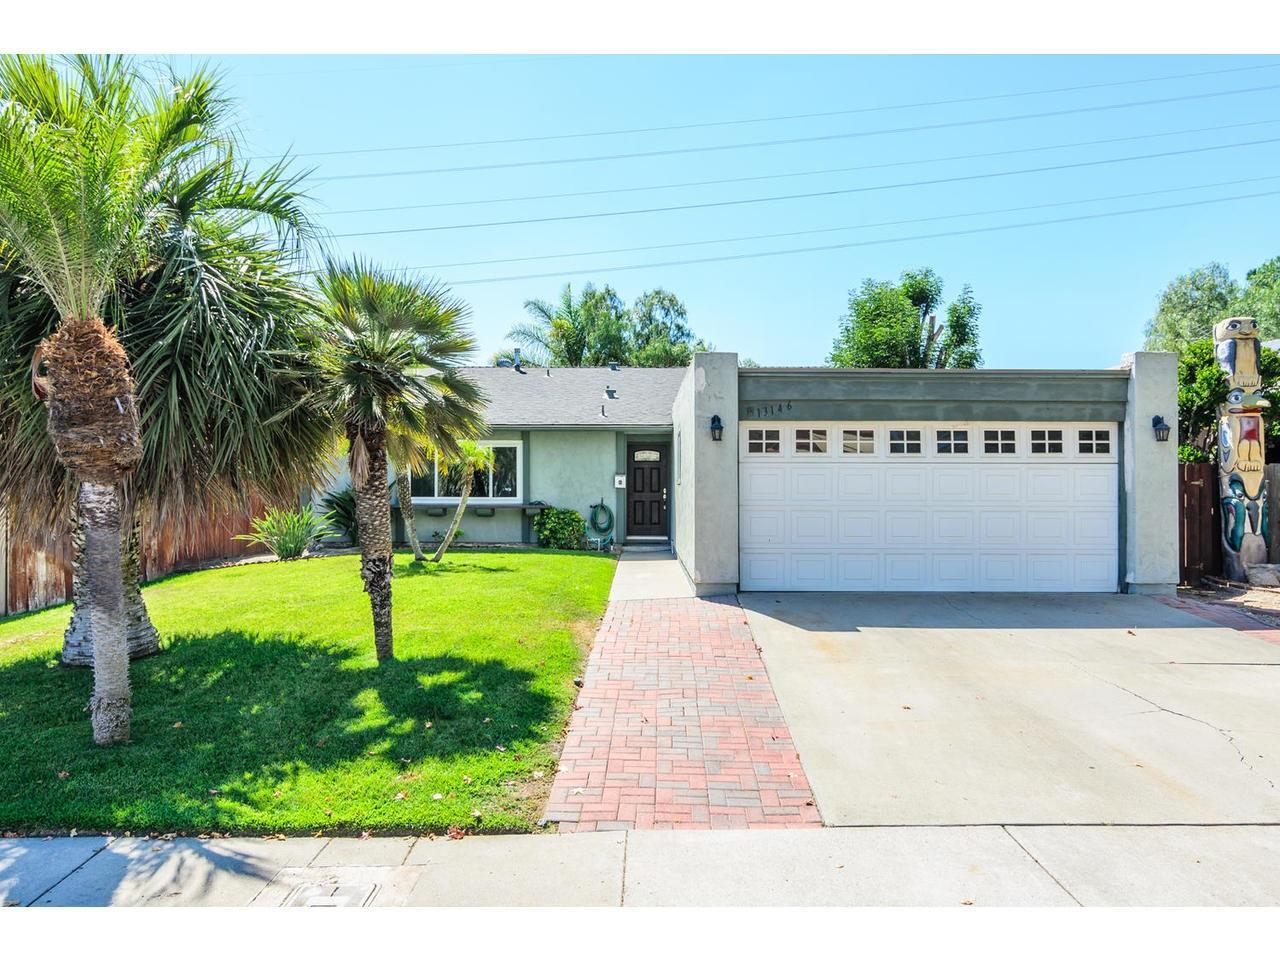 13146 Calle De Los Ninos, San Diego, CA 92129 - Estimate and Home ...